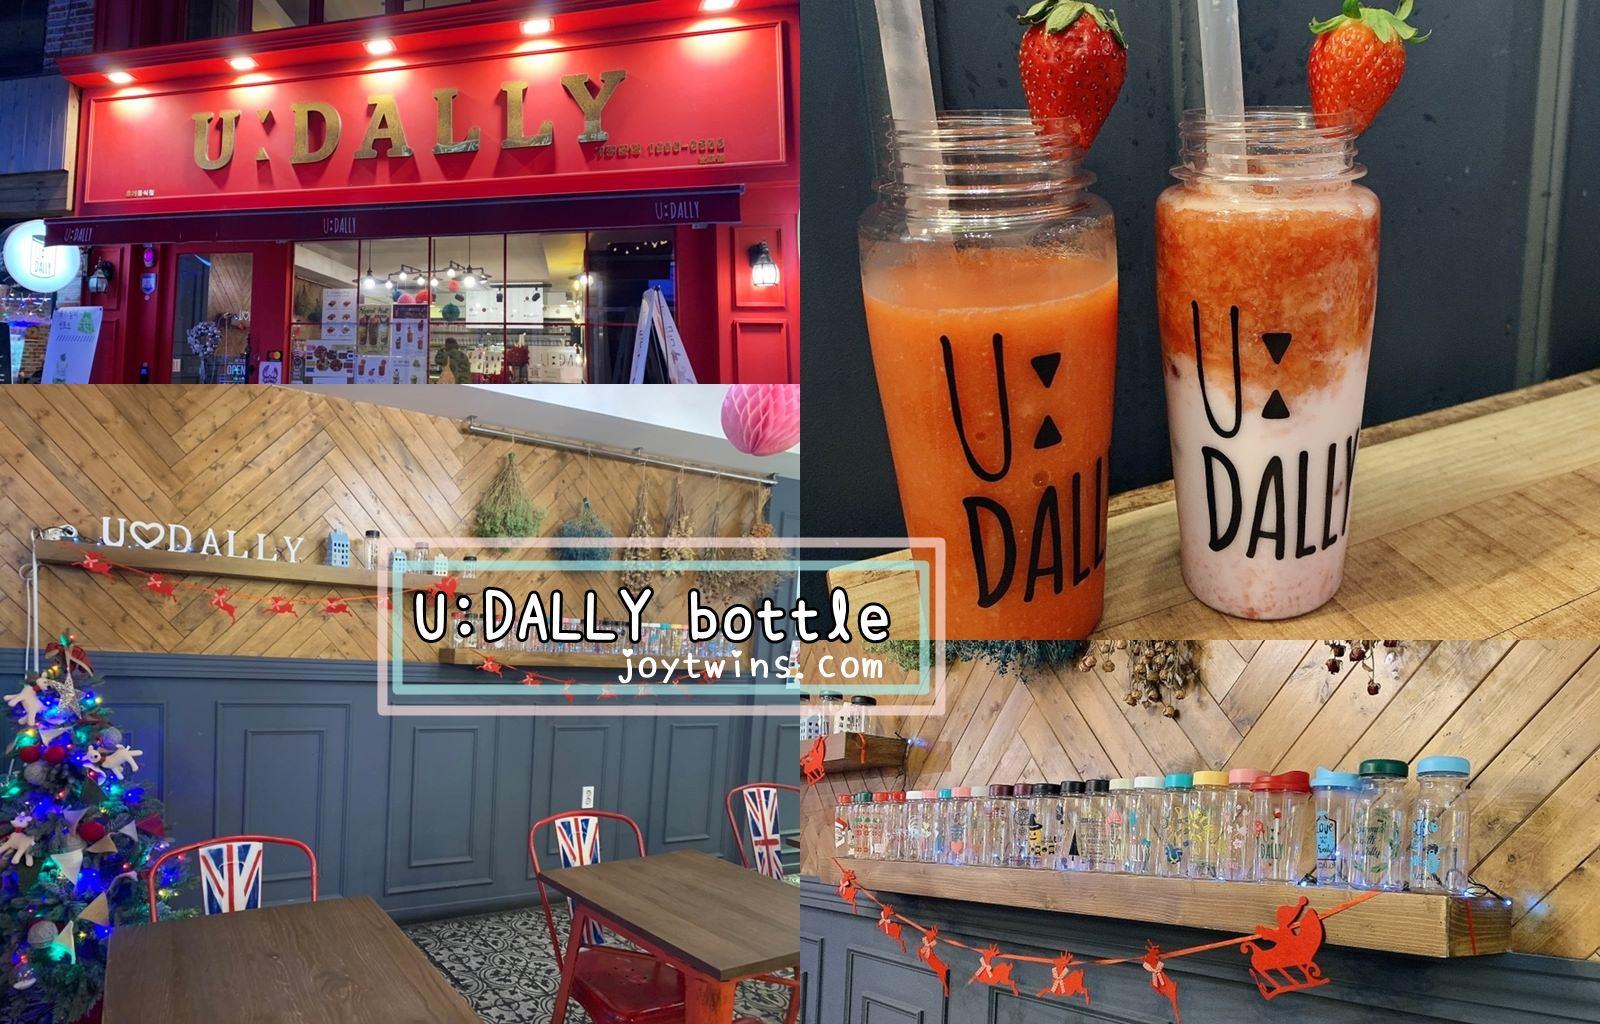 【釜山咖啡廳】西面站 U:DALLY(카페 유달리) bottle  IG夢幻打卡店 環保杯杯帶著走